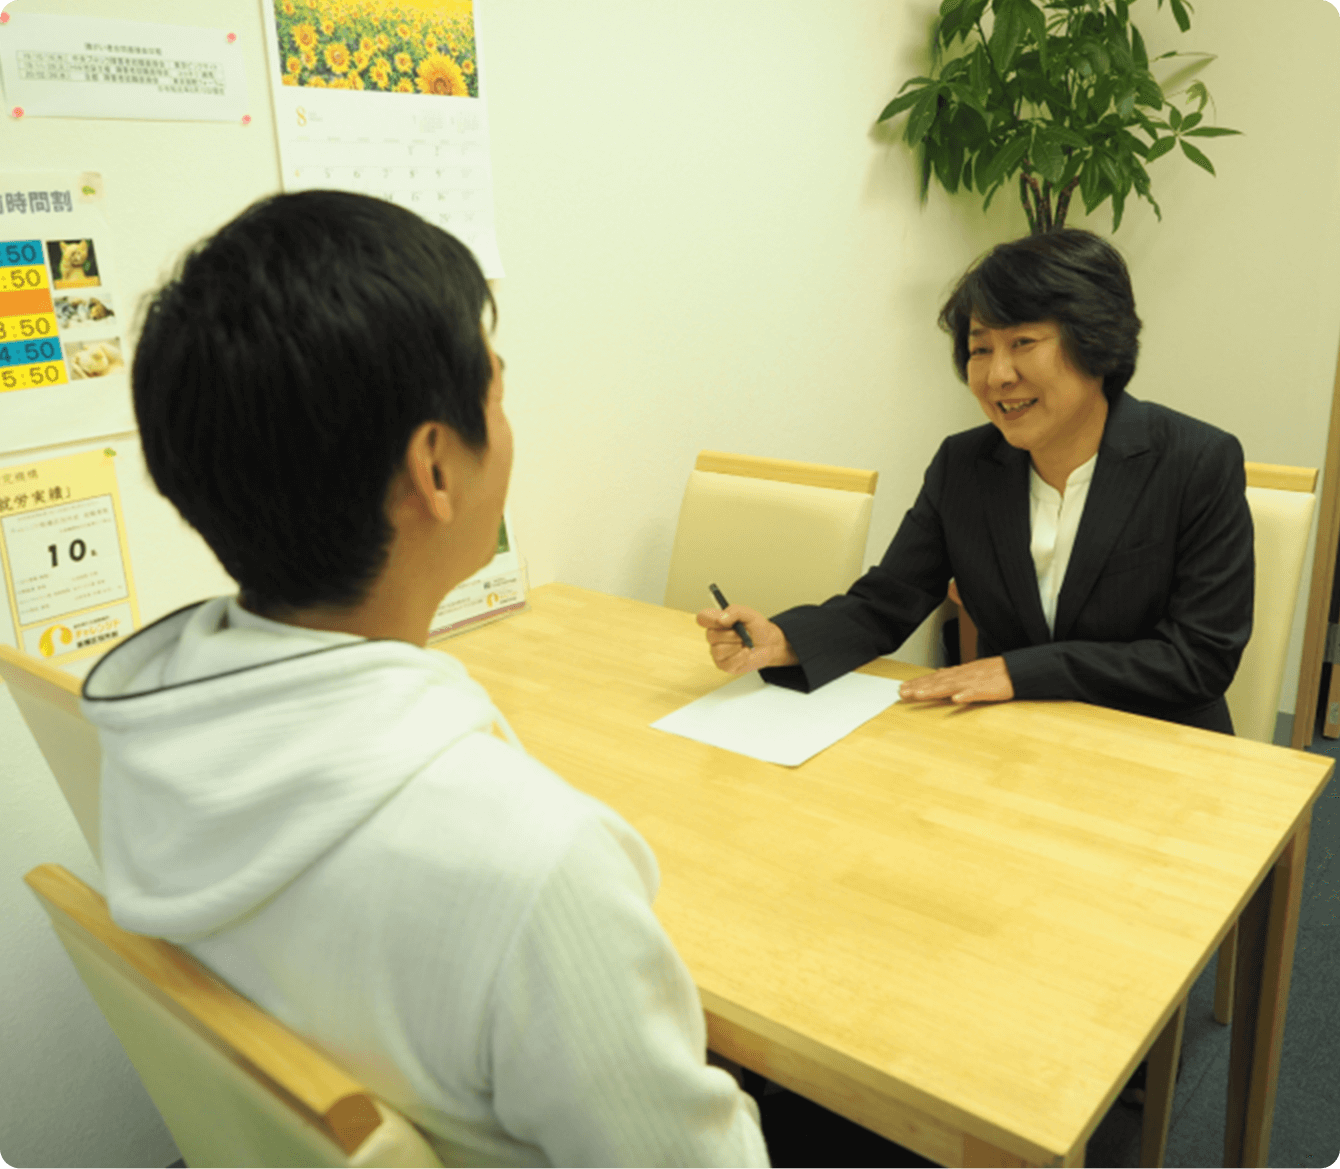 対面で面談を行う女性指導員と面談を受ける男性